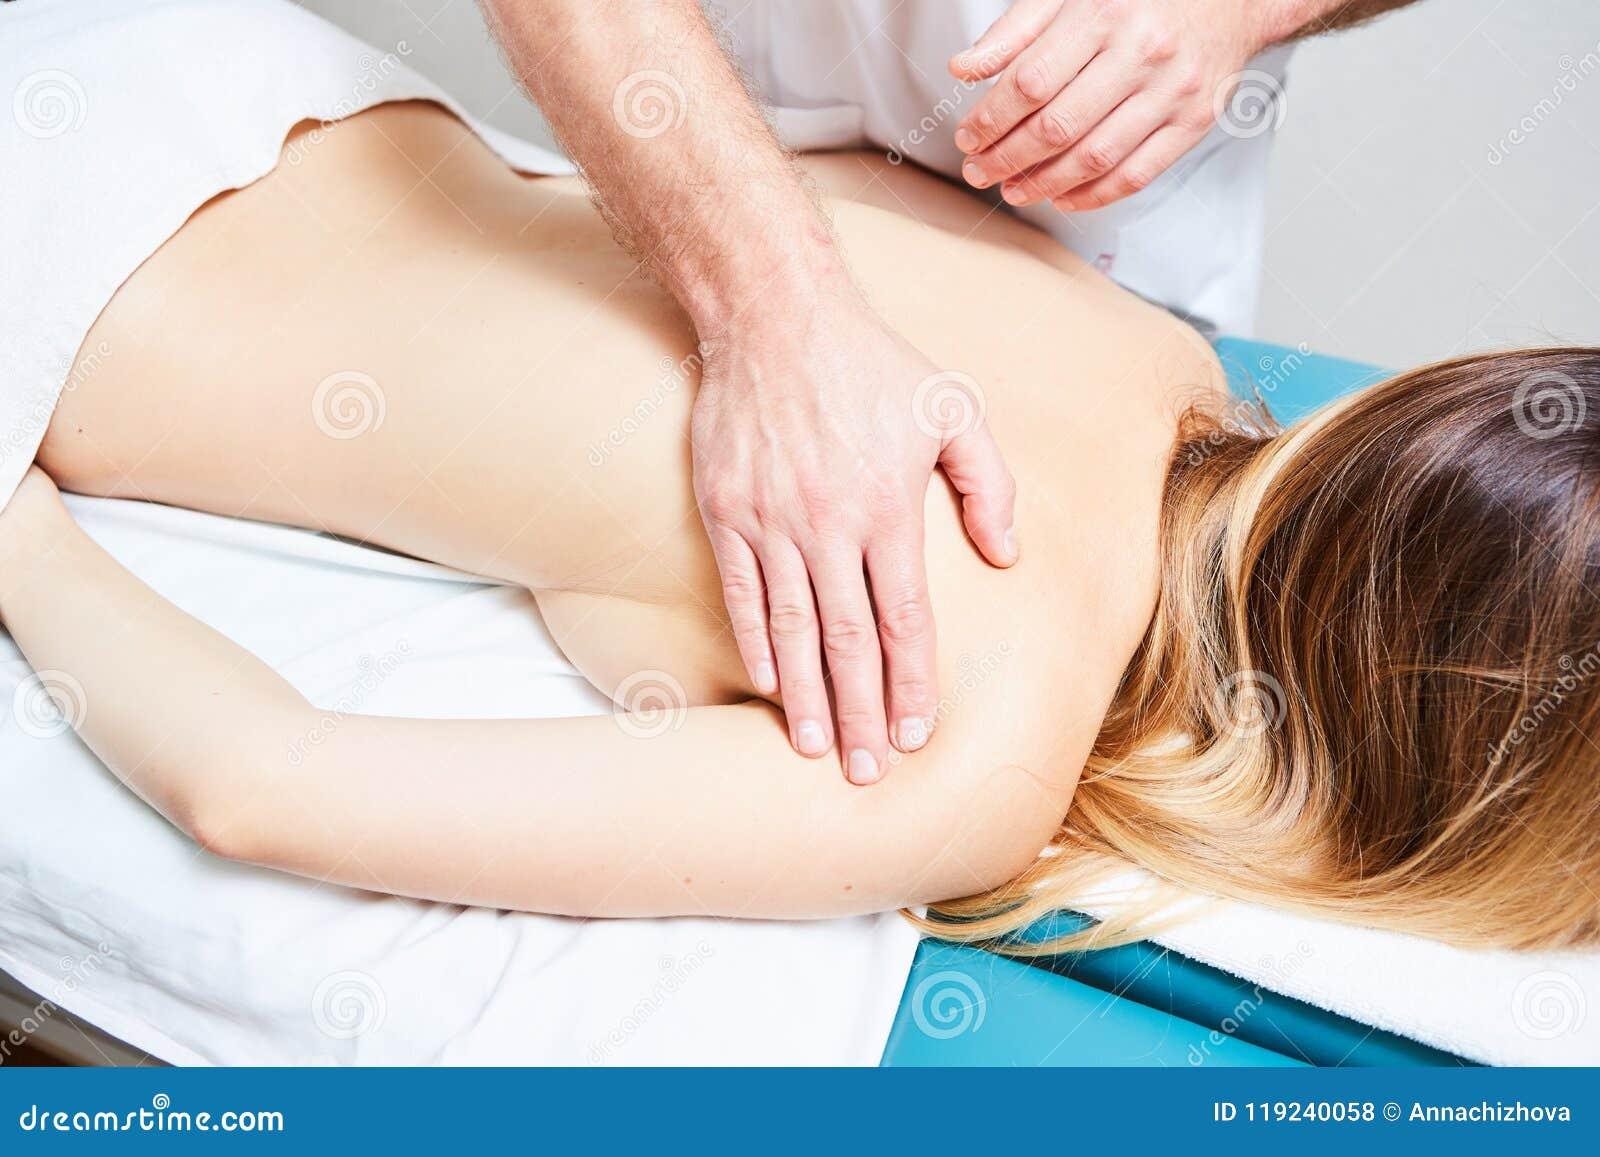 Девчонки делают массаж — photo 2